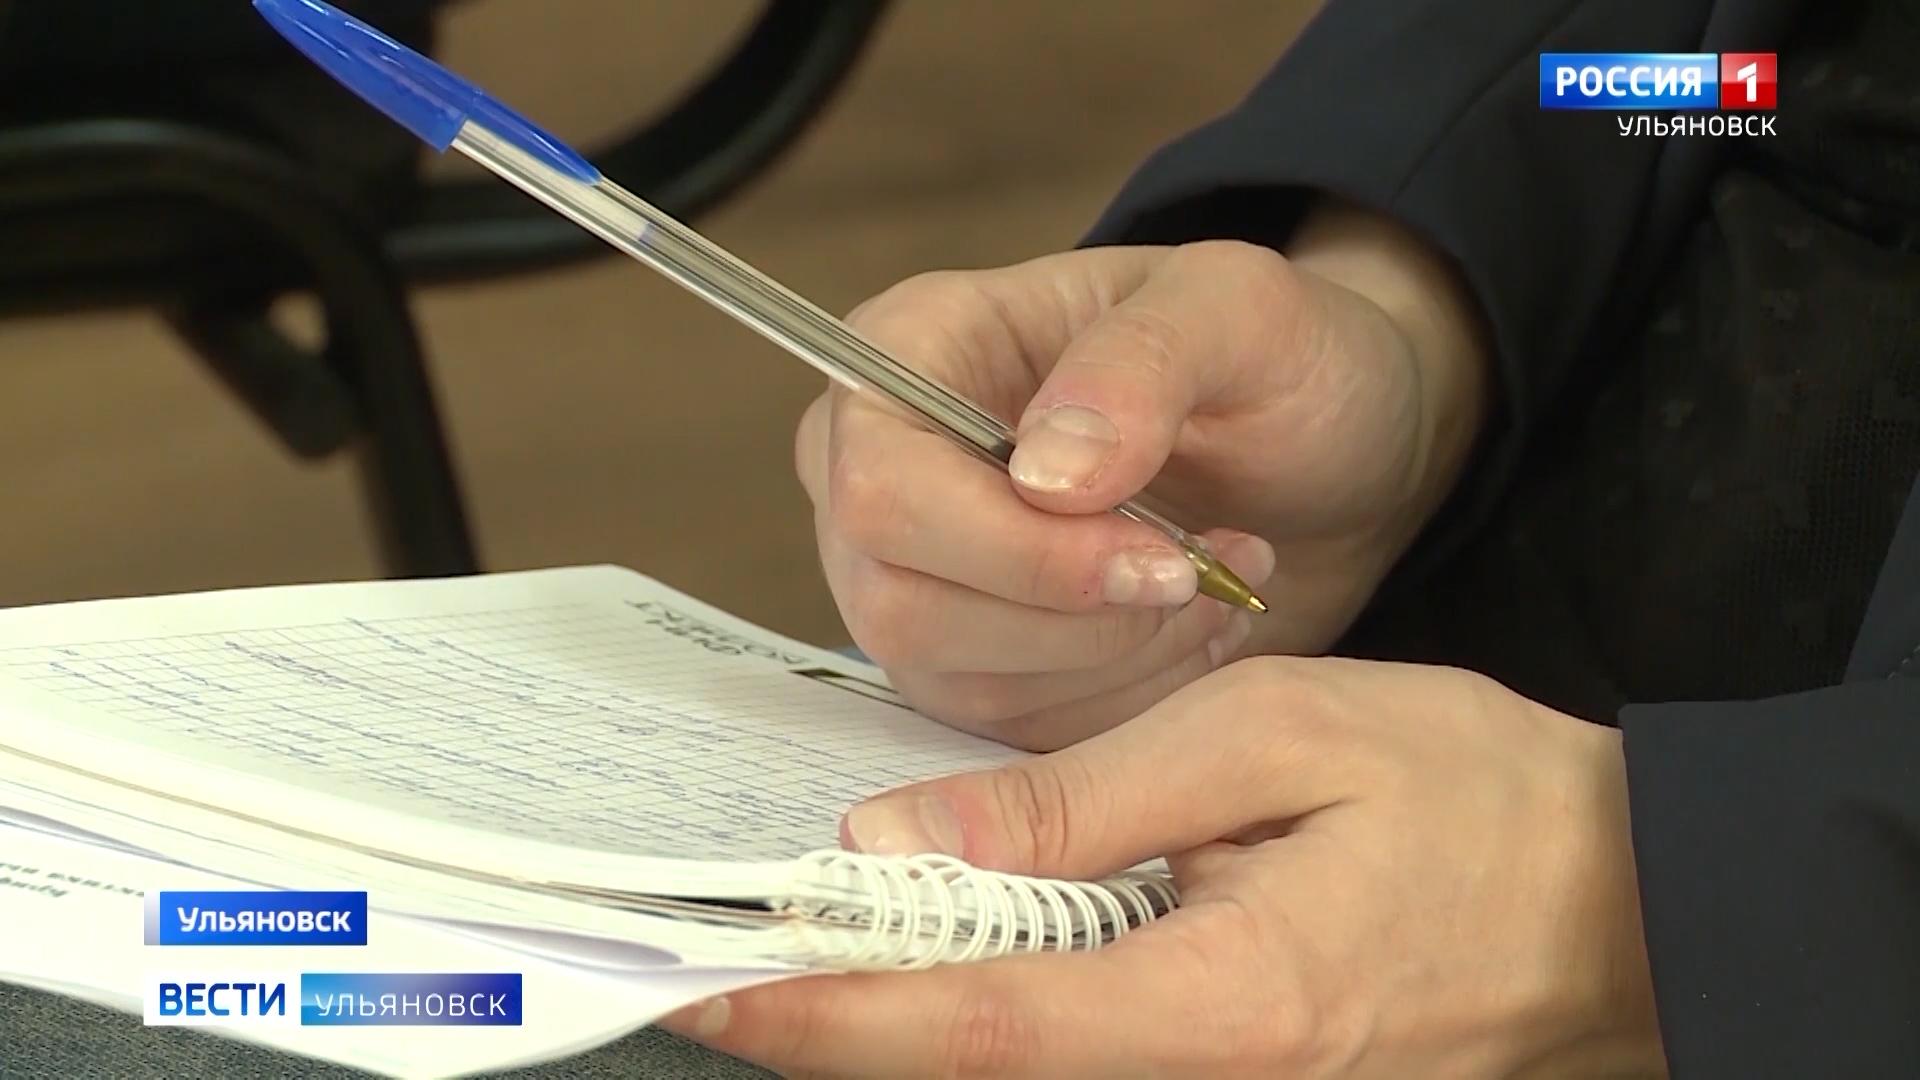 В управлении федеральной антимонопольной службы по Ульяновской области состоялся брифинг